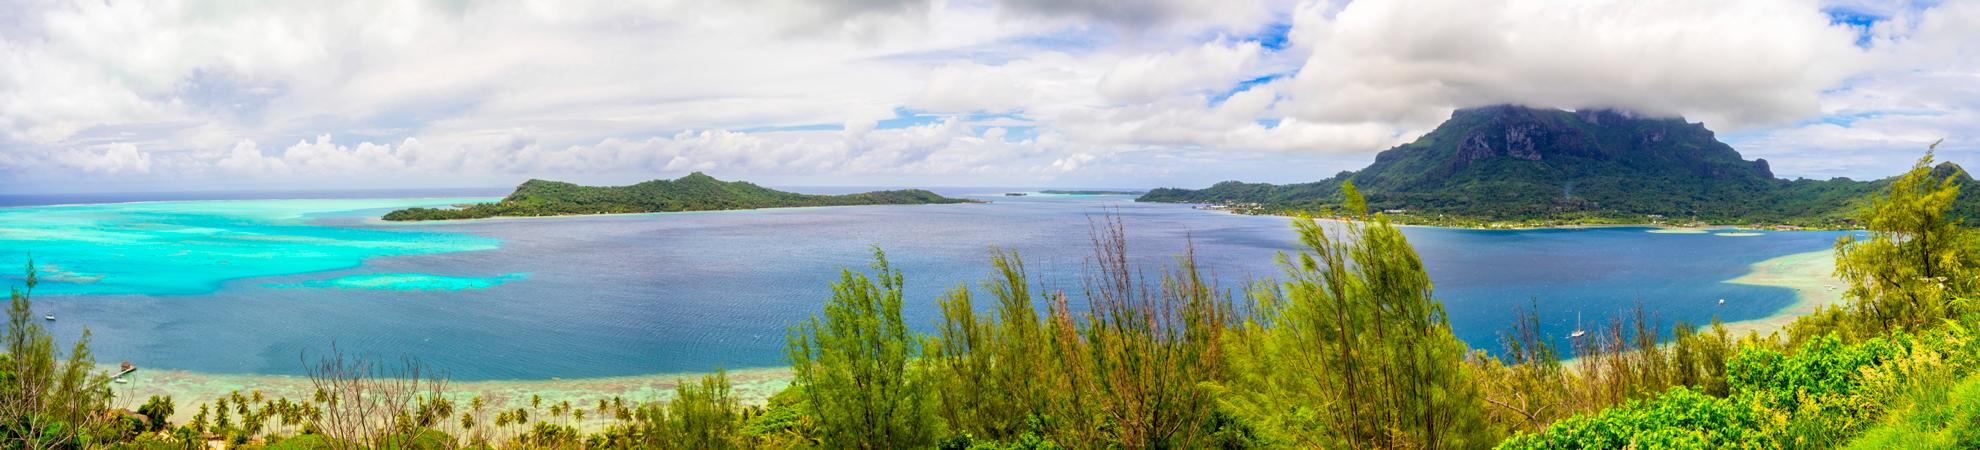 Visiter Tahiti : une des plus belles îles du monde